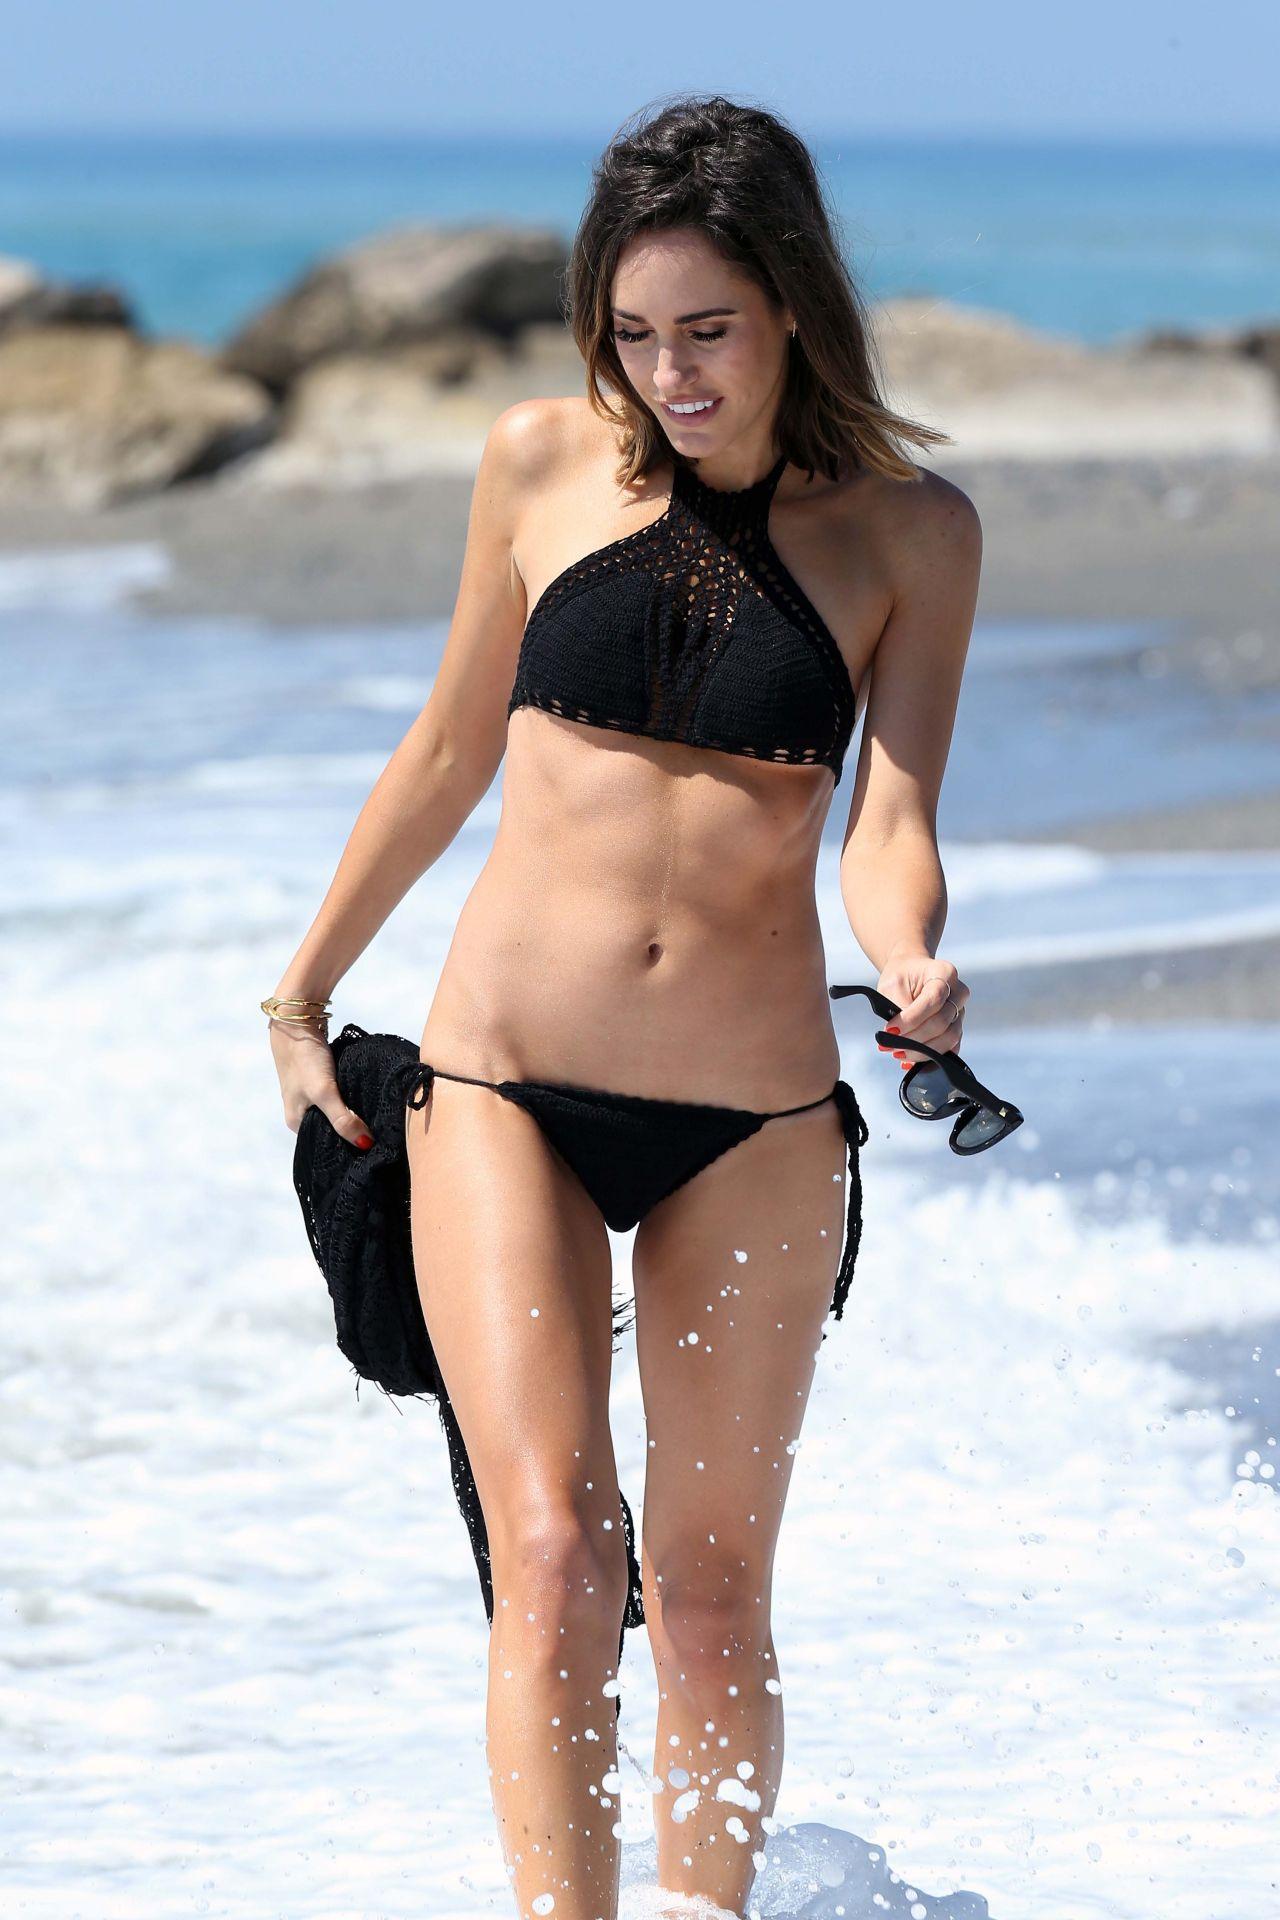 Mafia Girls Wallpaper Louise Roe In A Bikini On Holiday In Spain June 2015